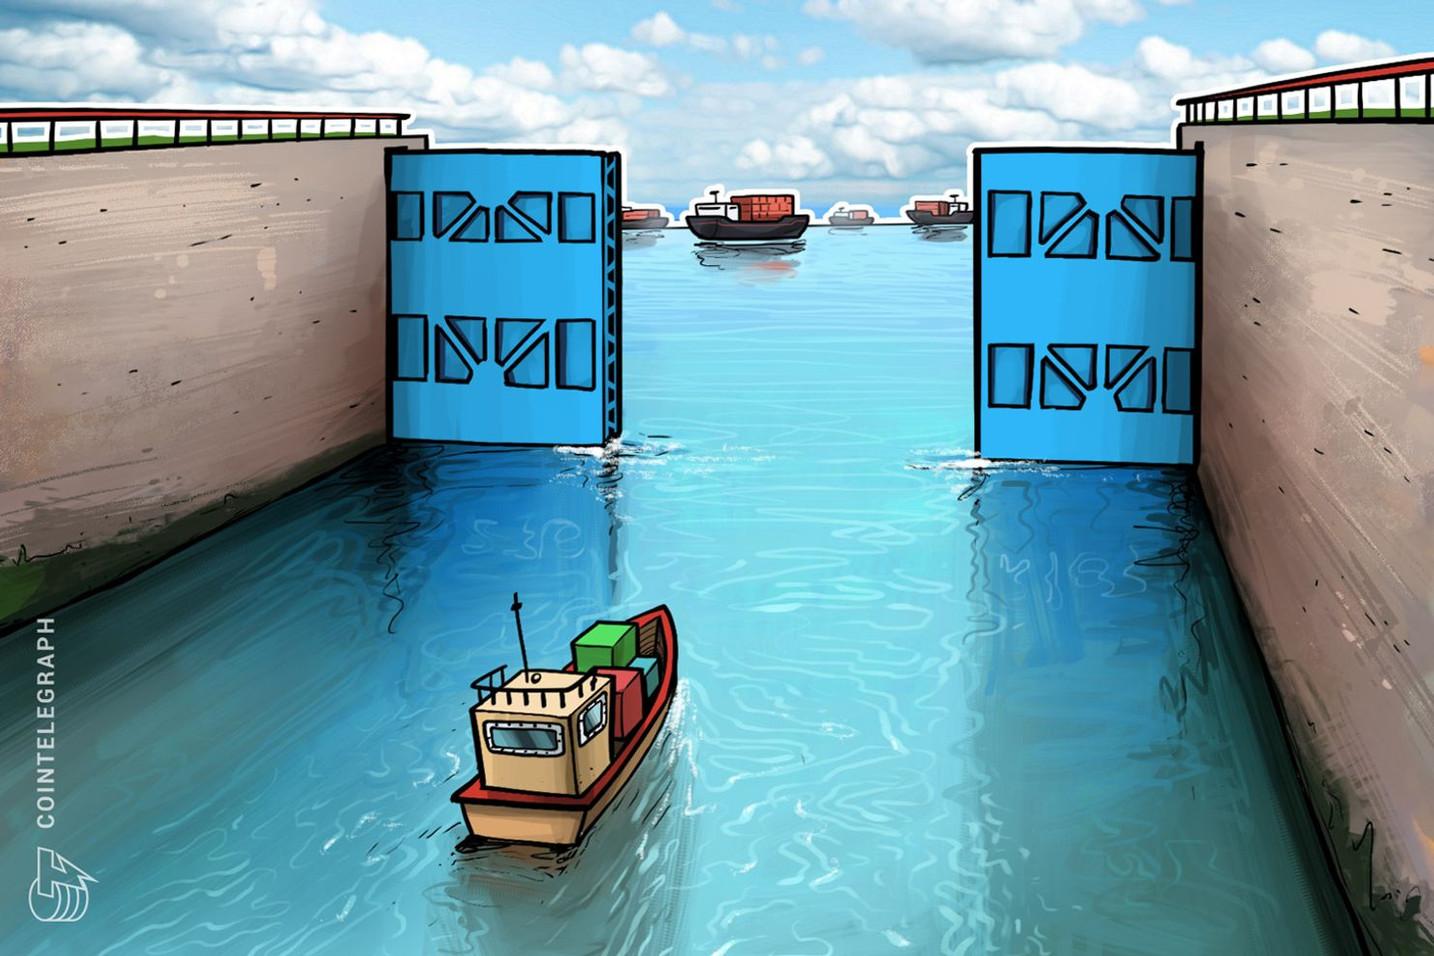 サムスンやオランダの銀行など ブロックチェーン使ったコンテナ物流の試験運用を開始へ【アラート】